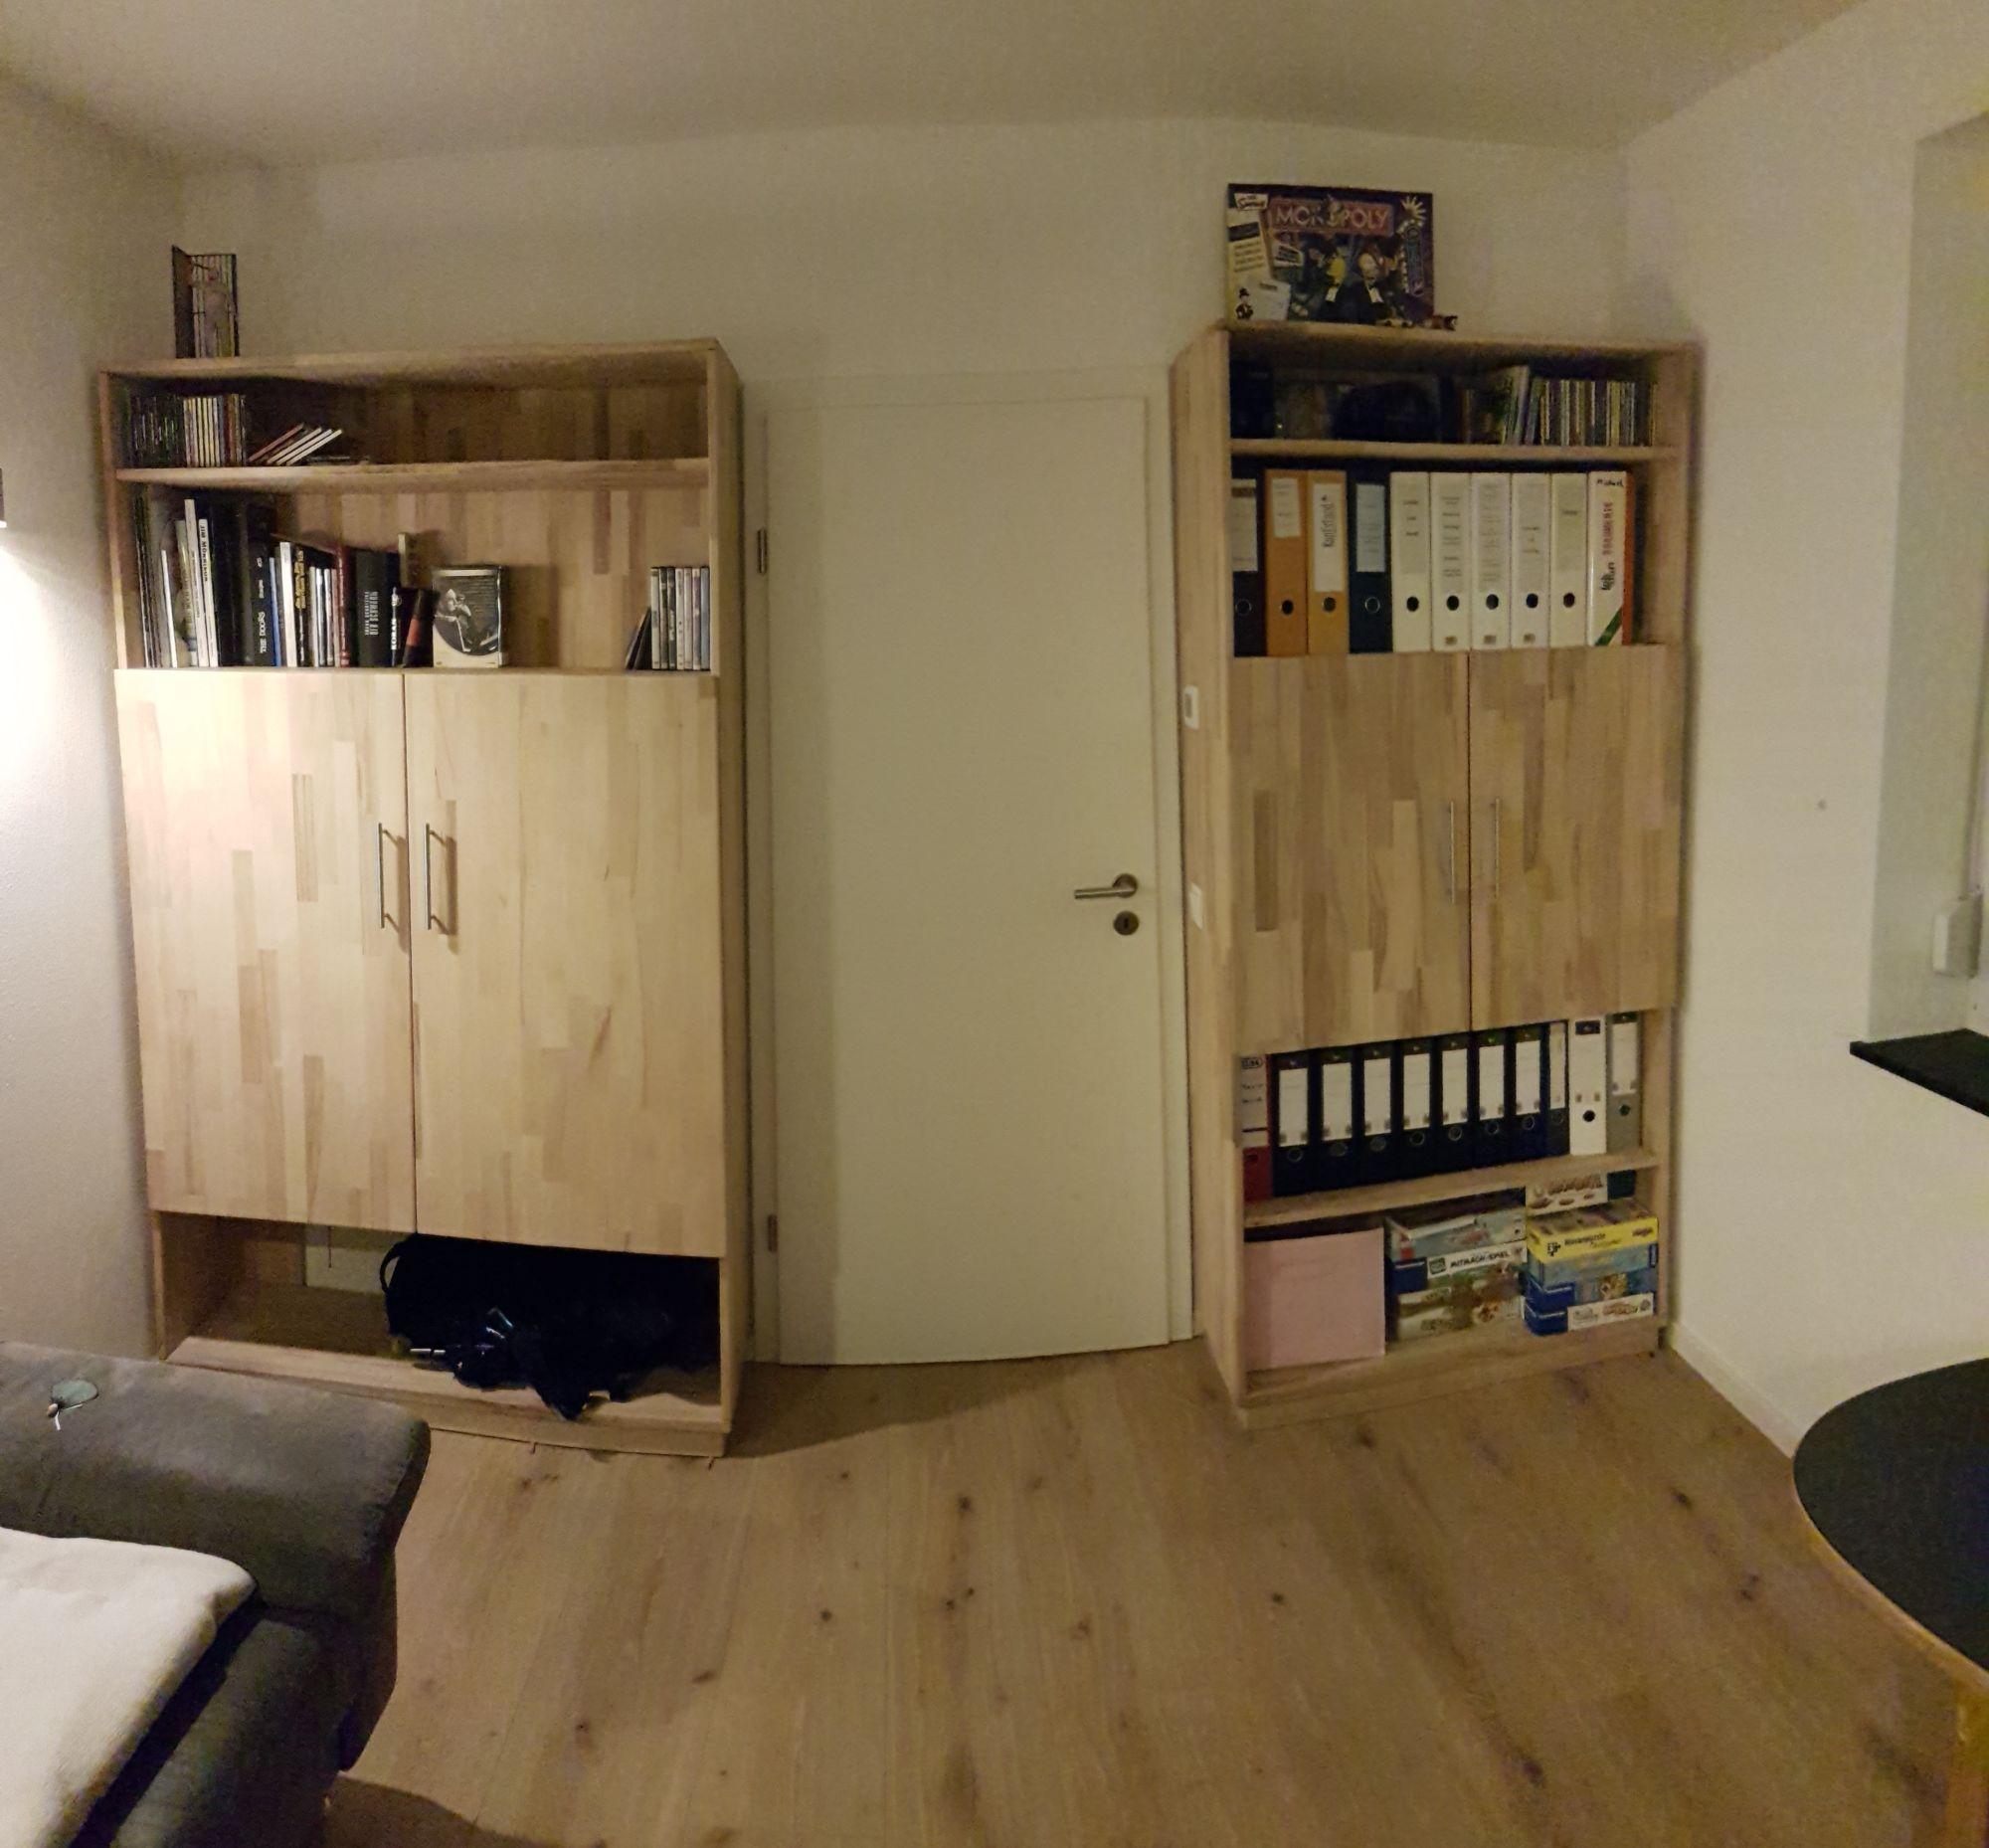 Büroschrank selber bauen, seitenteile